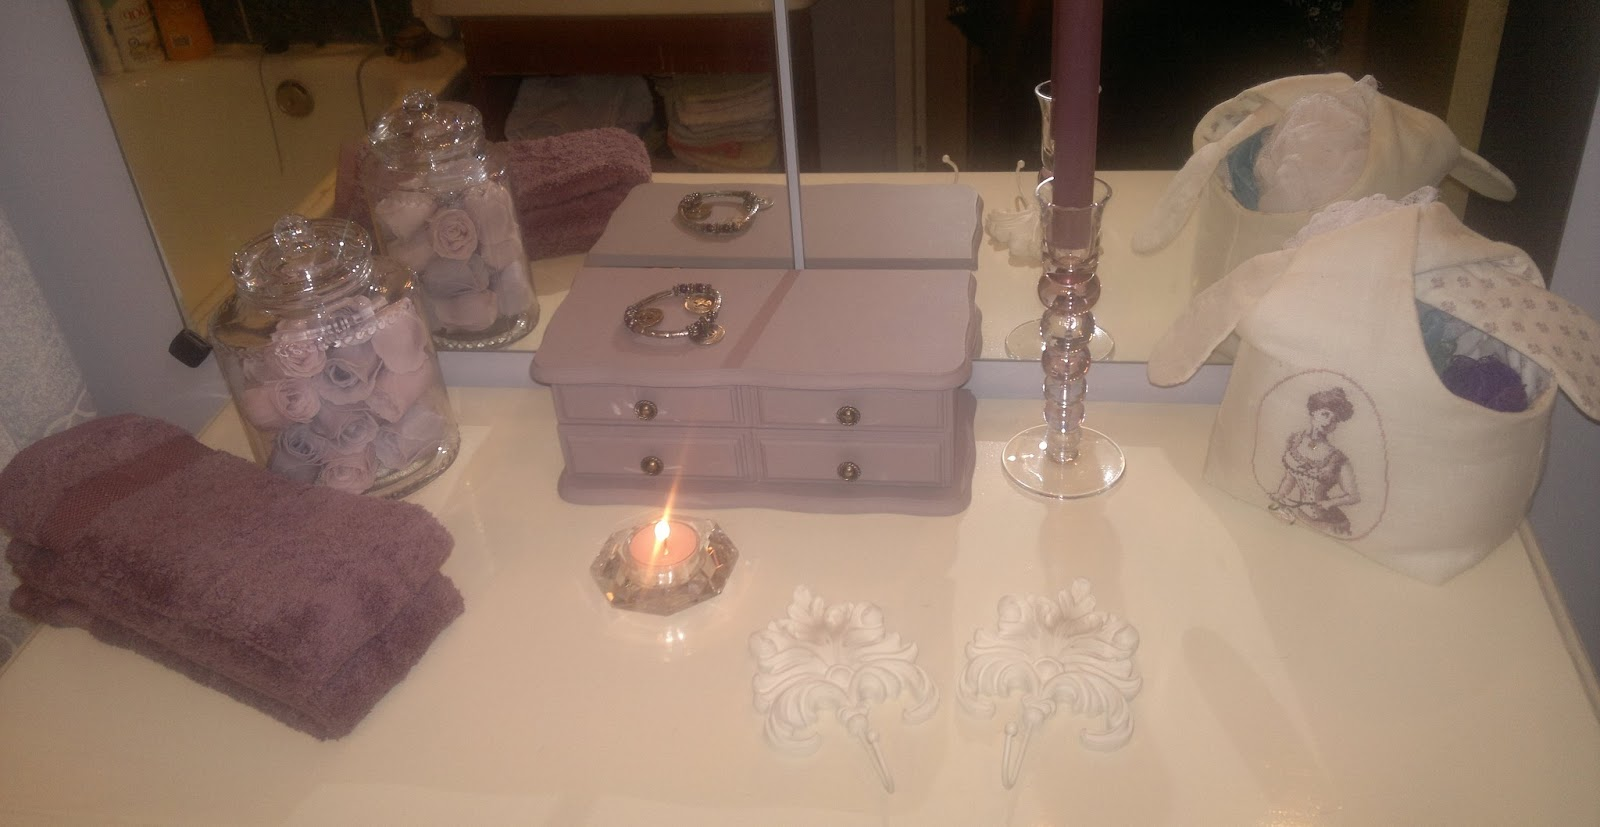 Les petits c t s de rose d cembre 2011 - Relooking salle de bain ...